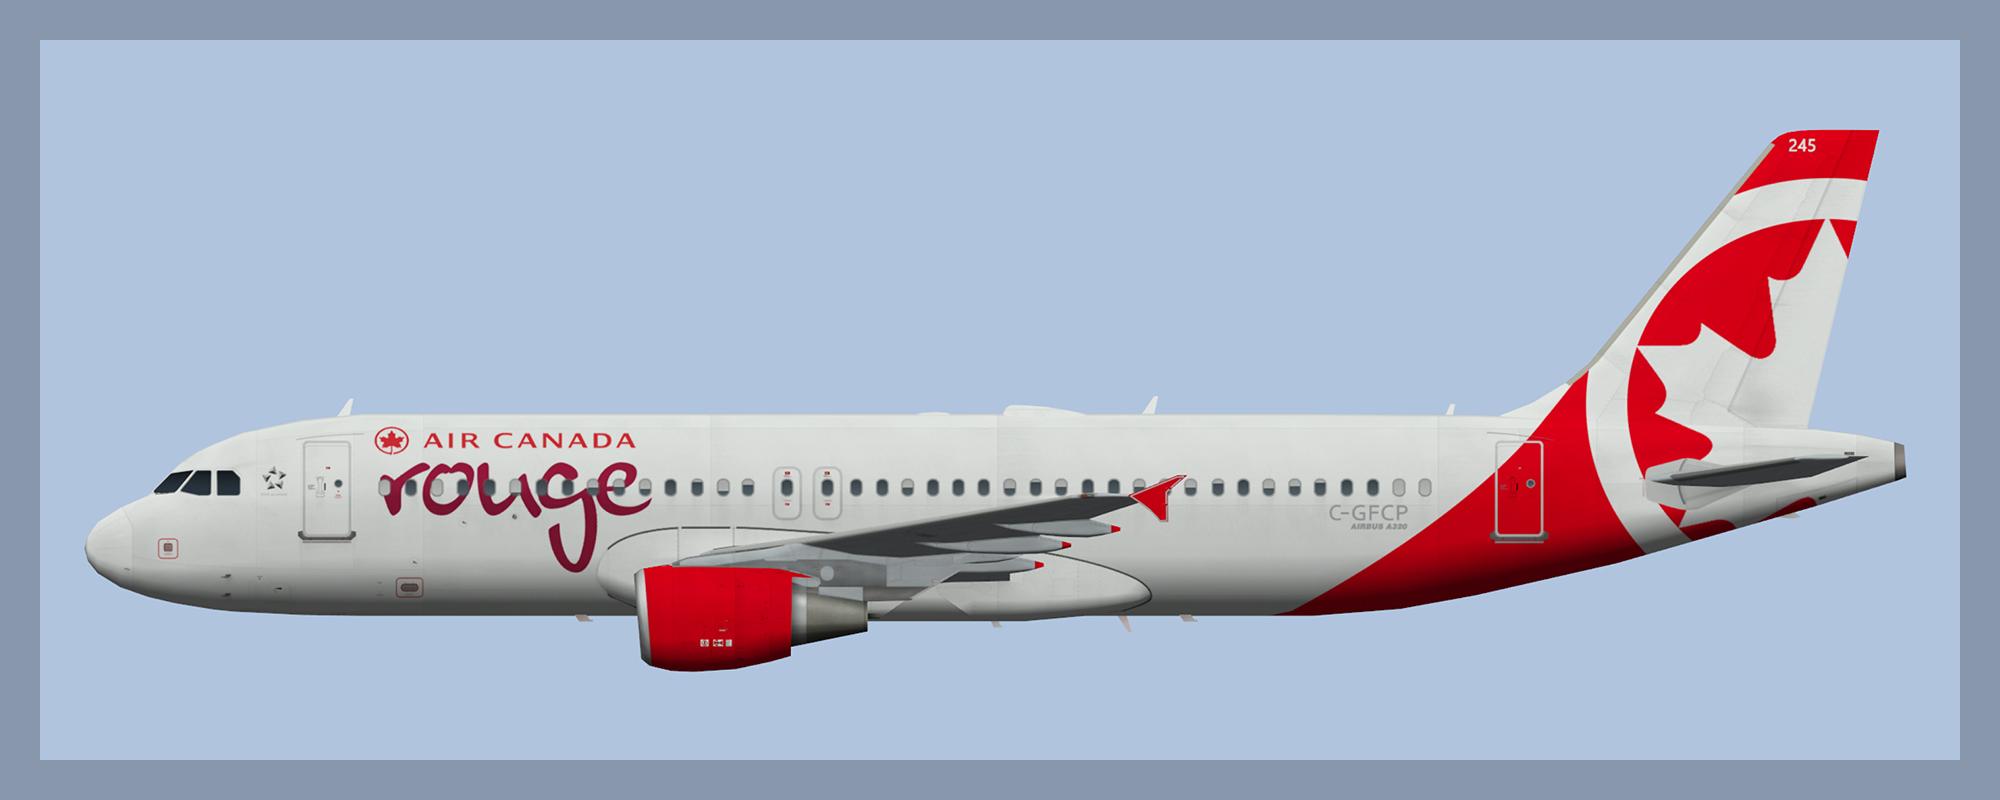 FAIB_A320_ROU_CGFCP